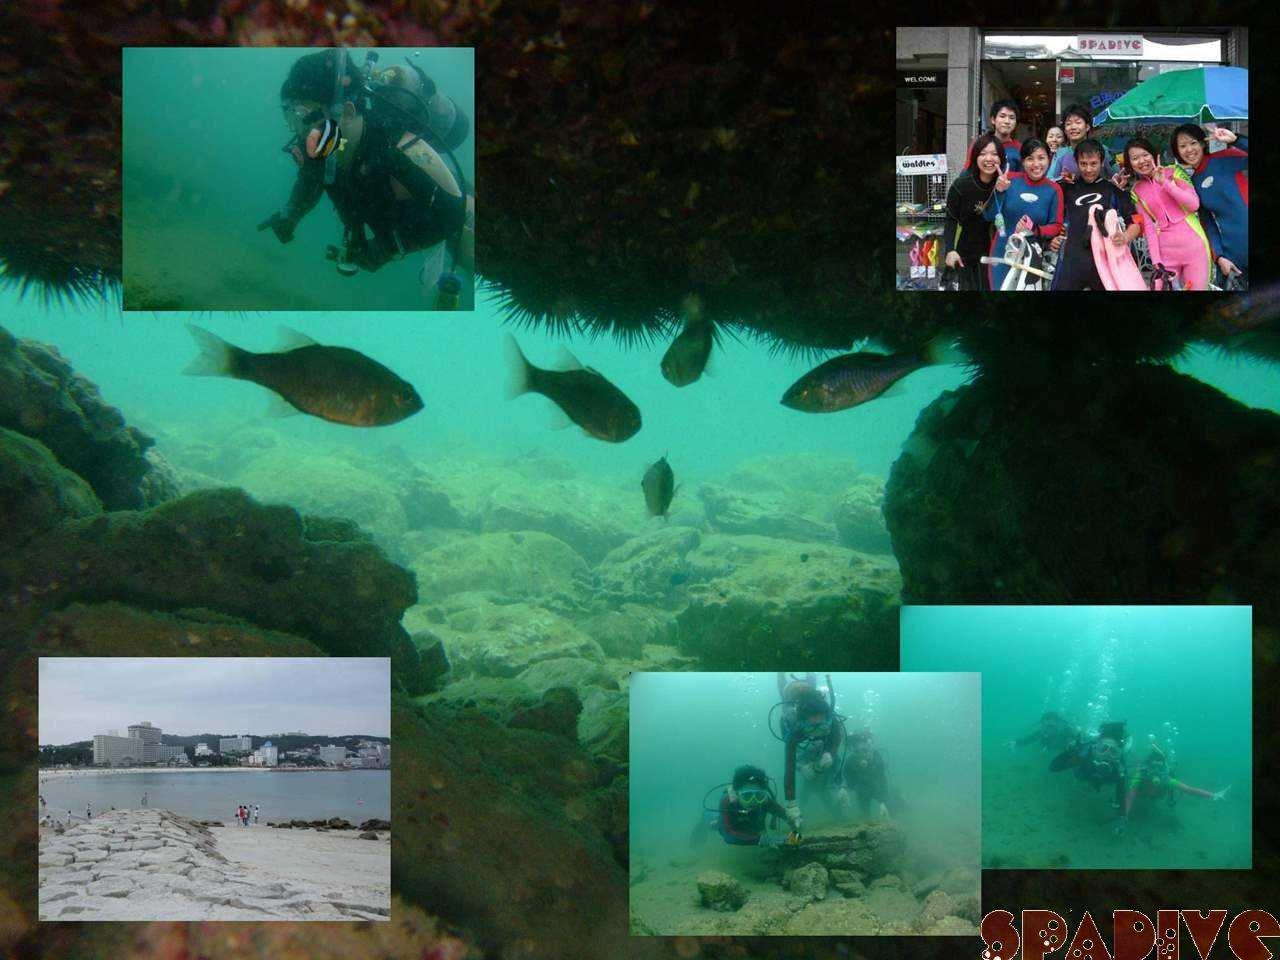 ビーチファンダイブ&体験ダイビング|9/15/2008白浜権現崎